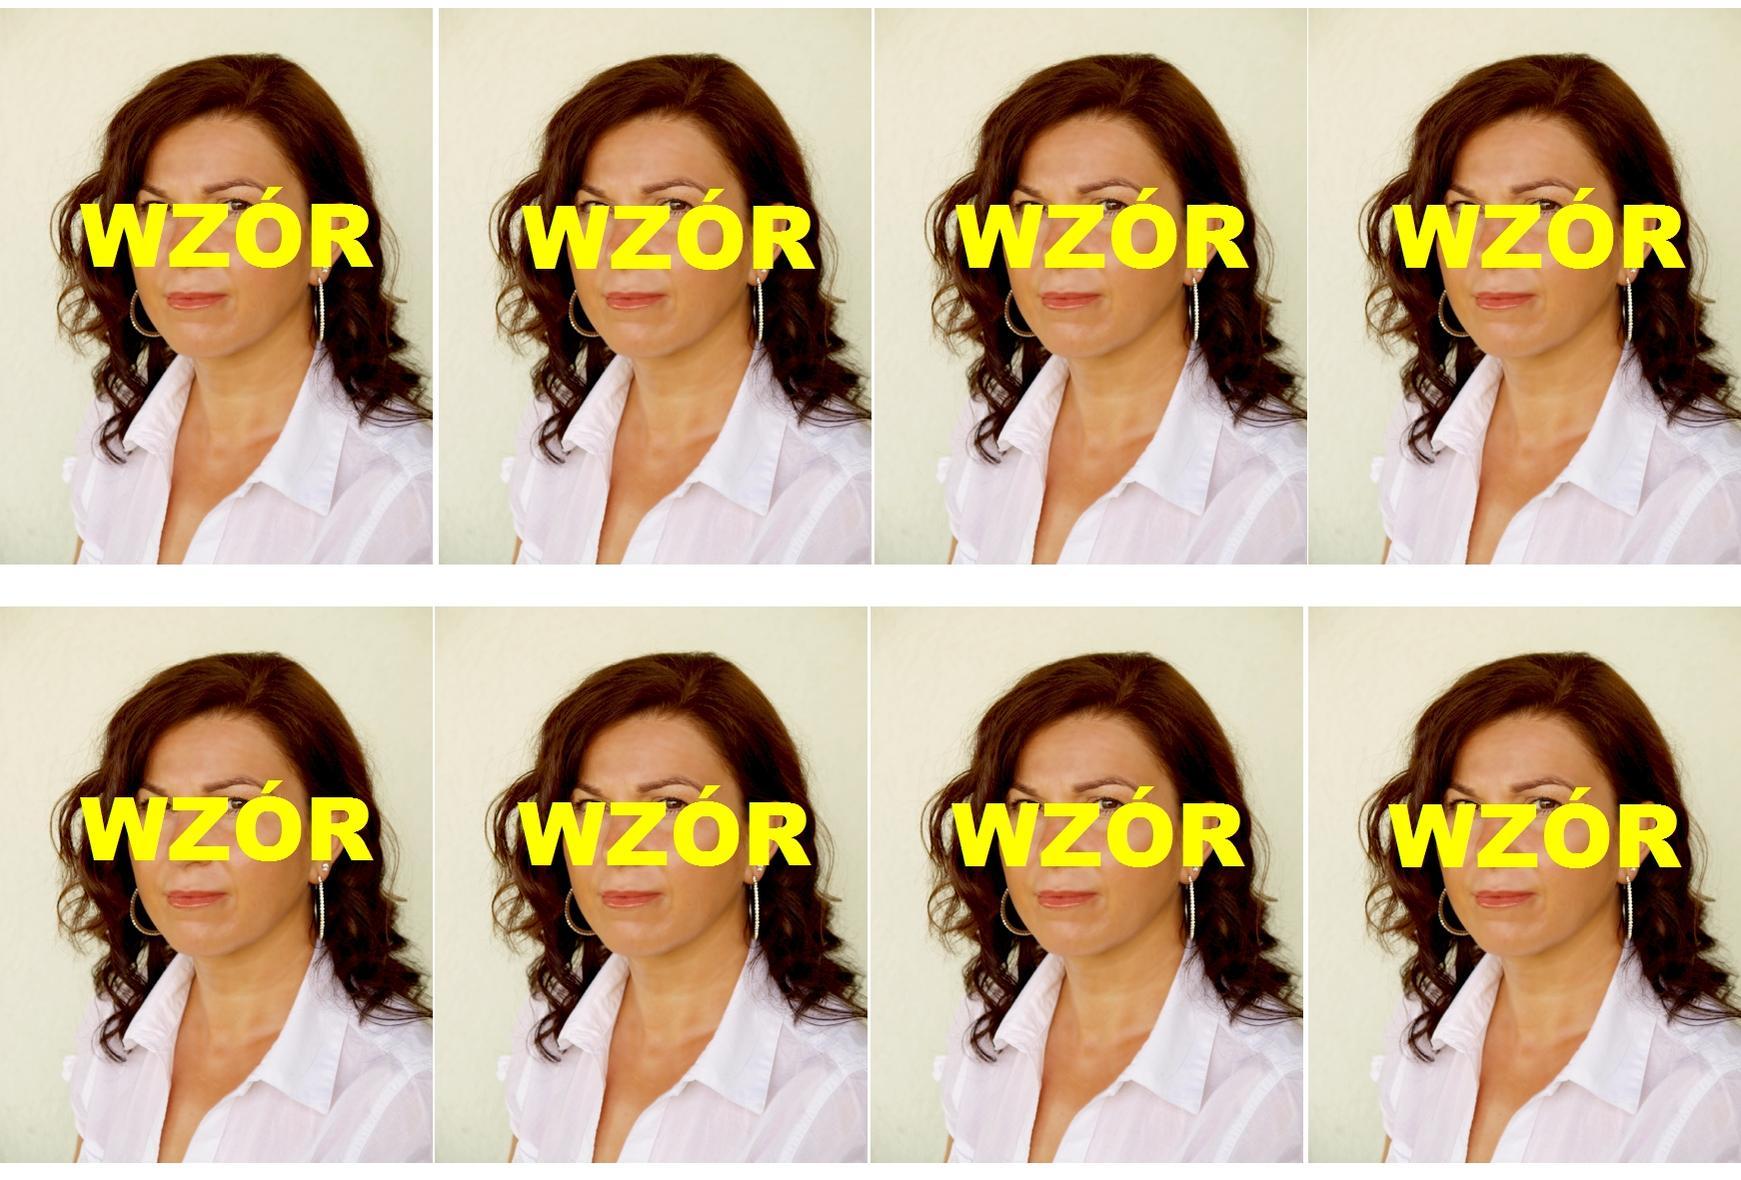 Kliknij obrazek, aby uzyskać większą wersję  Nazwa:WZOR.jpg Wyświetleń:7028 Rozmiar:225,2 KB ID:67615